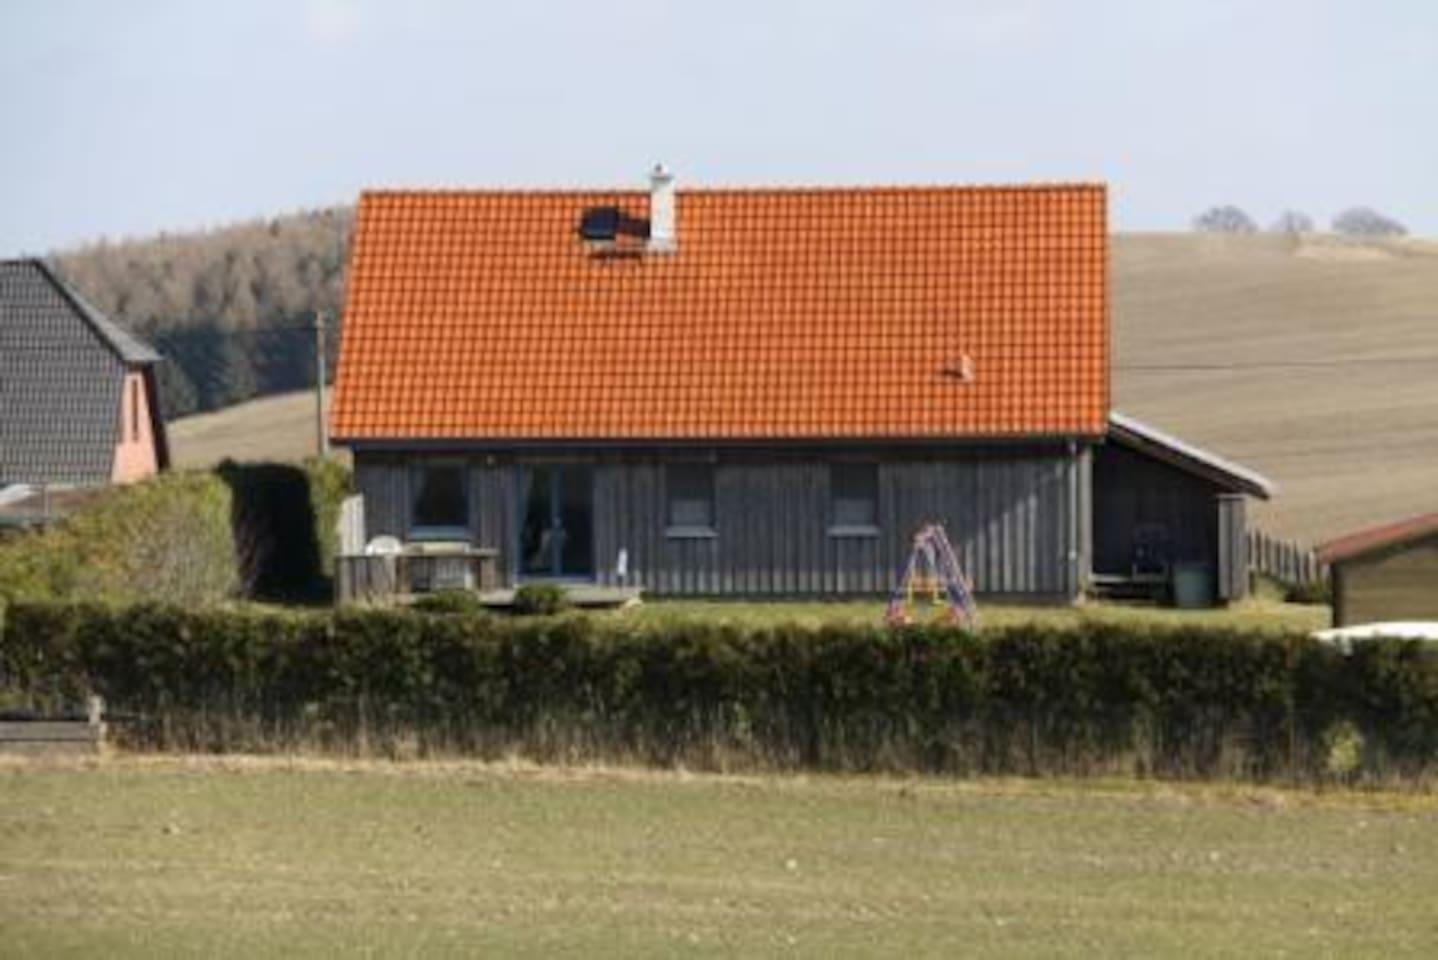 Das Haus vom Mühlenberg her gesehen